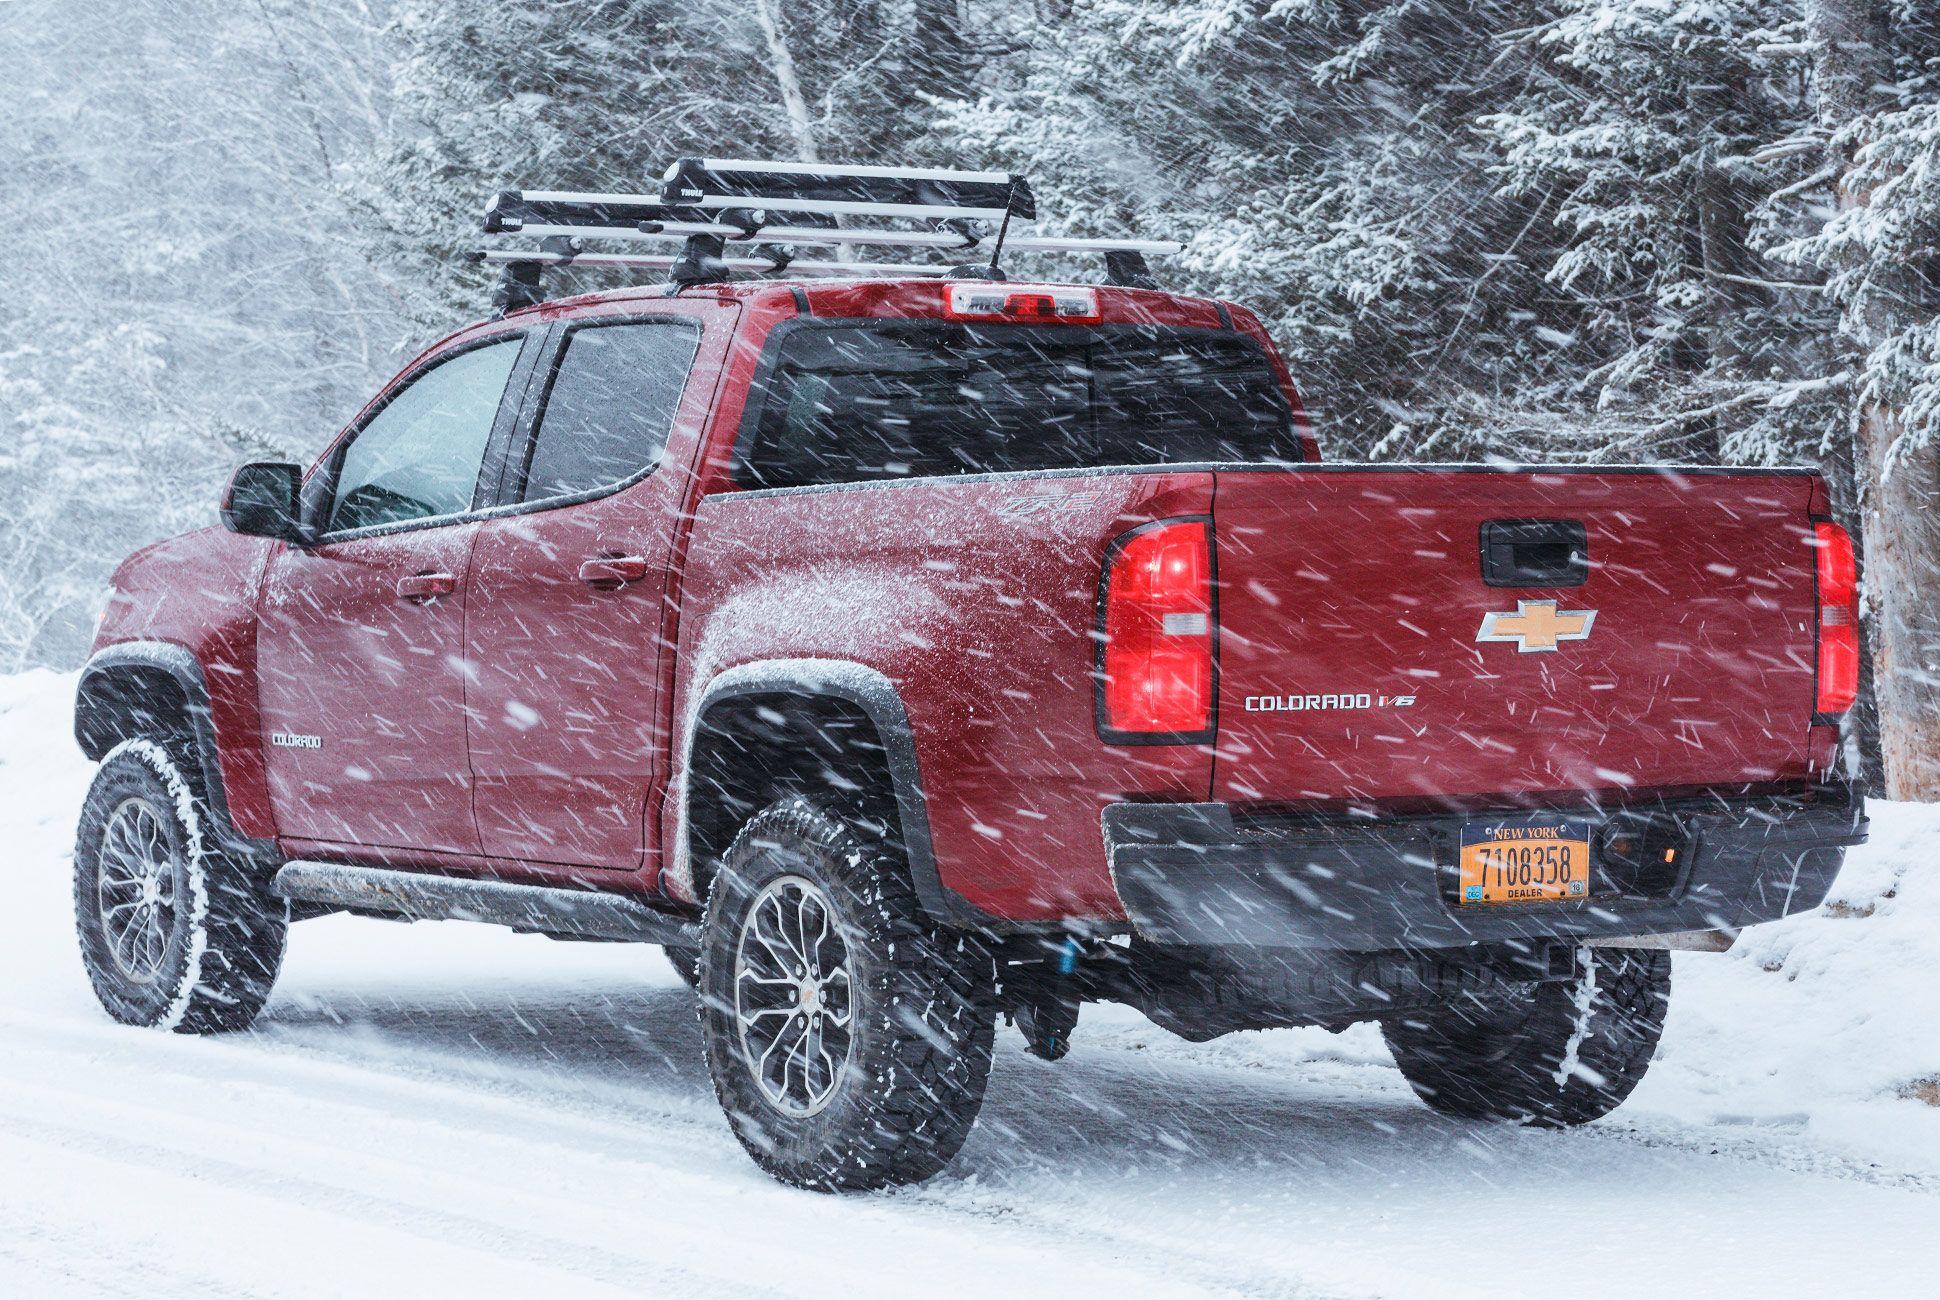 ultimate-ski-and-snow-gear-patrol-chevy-colorado-slide-2